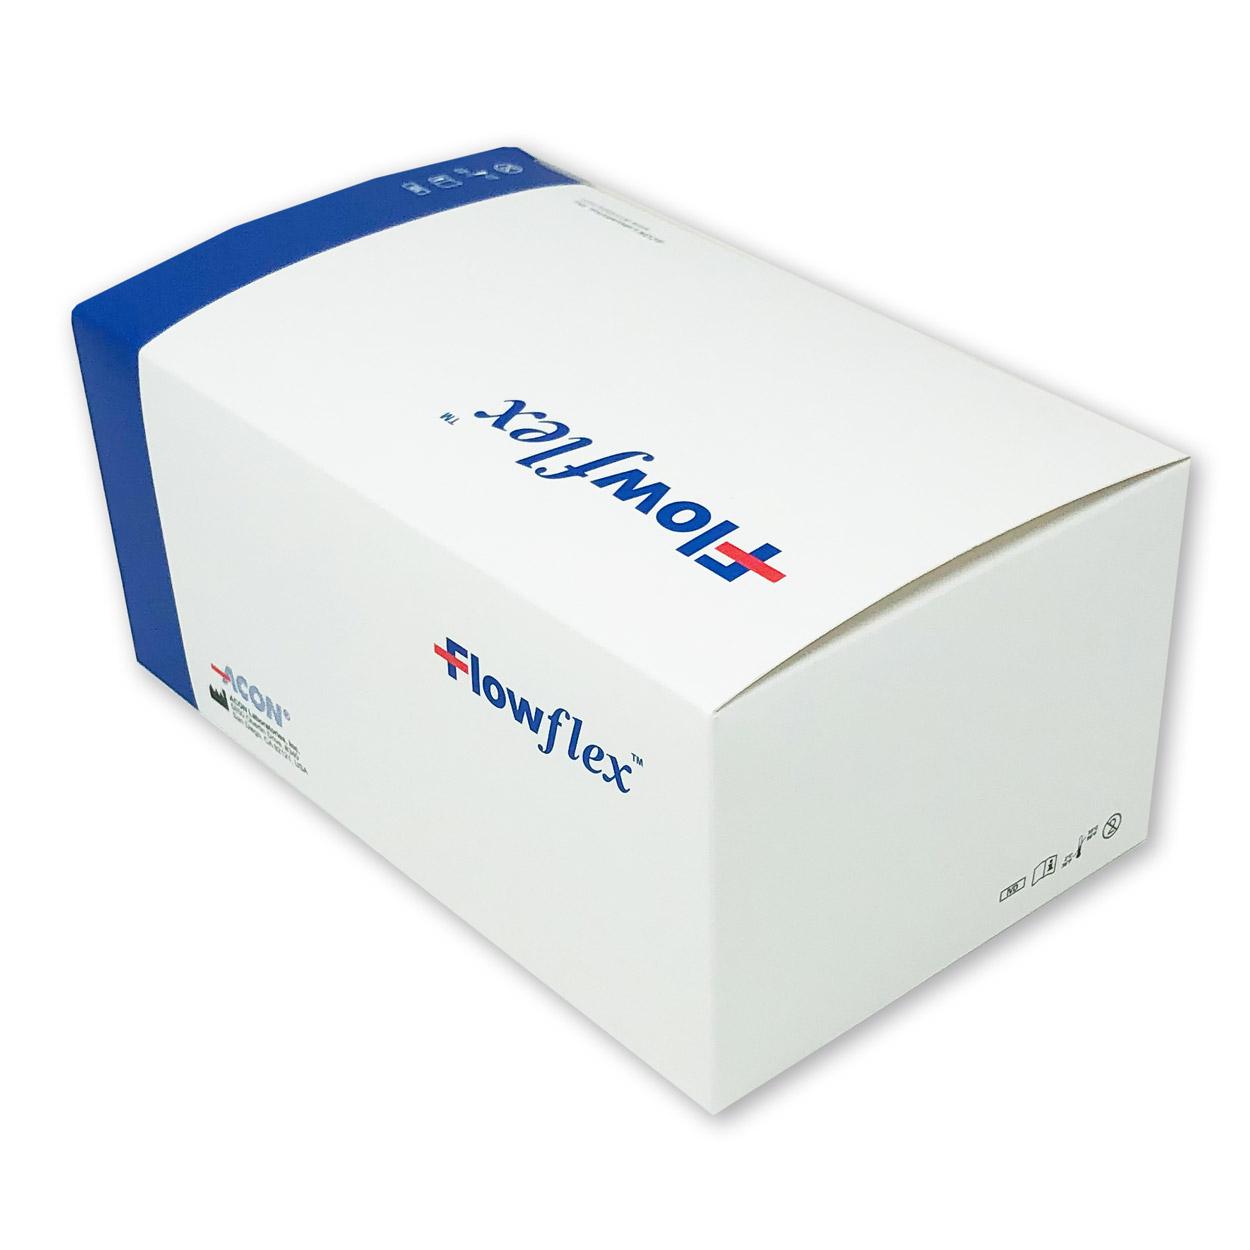 Flowflex Nasen-Abstrich-Test - Corona Antigen Schnelltest - Packung à 25 Stück